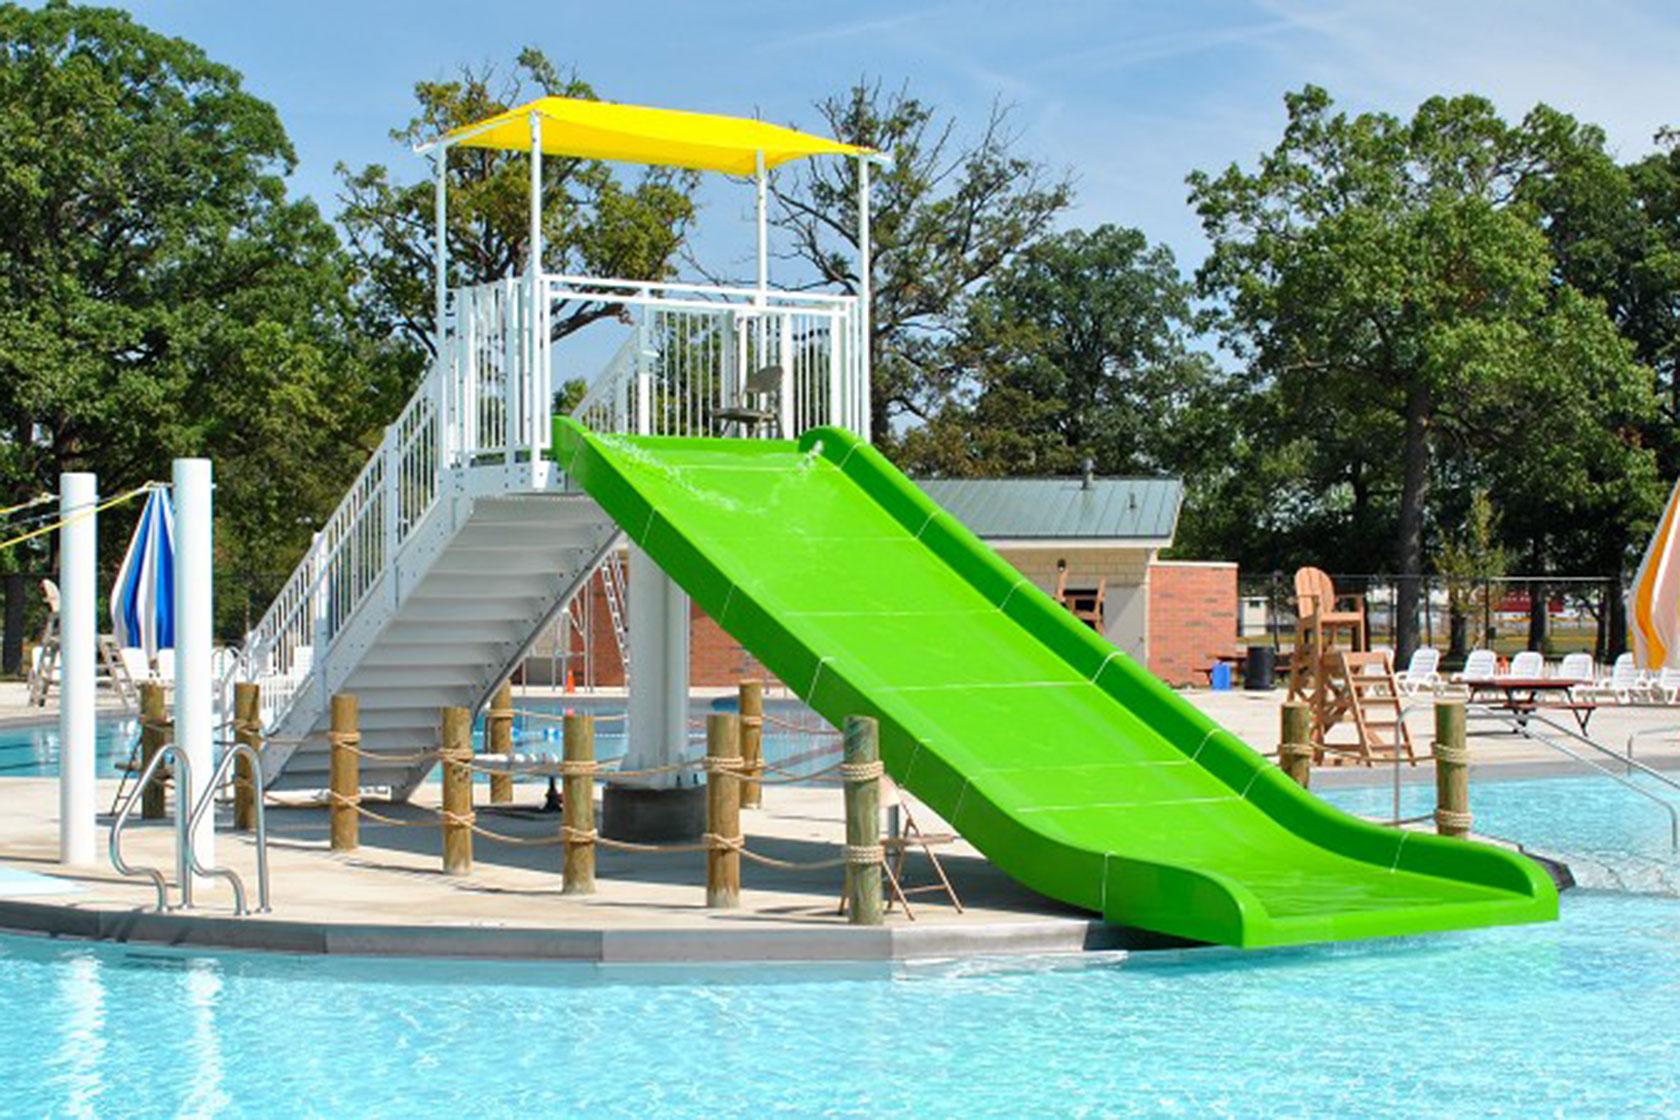 100 Custom Portable Pool Slides U0026 Above Ground Pools Pool Accessories Portable U0026